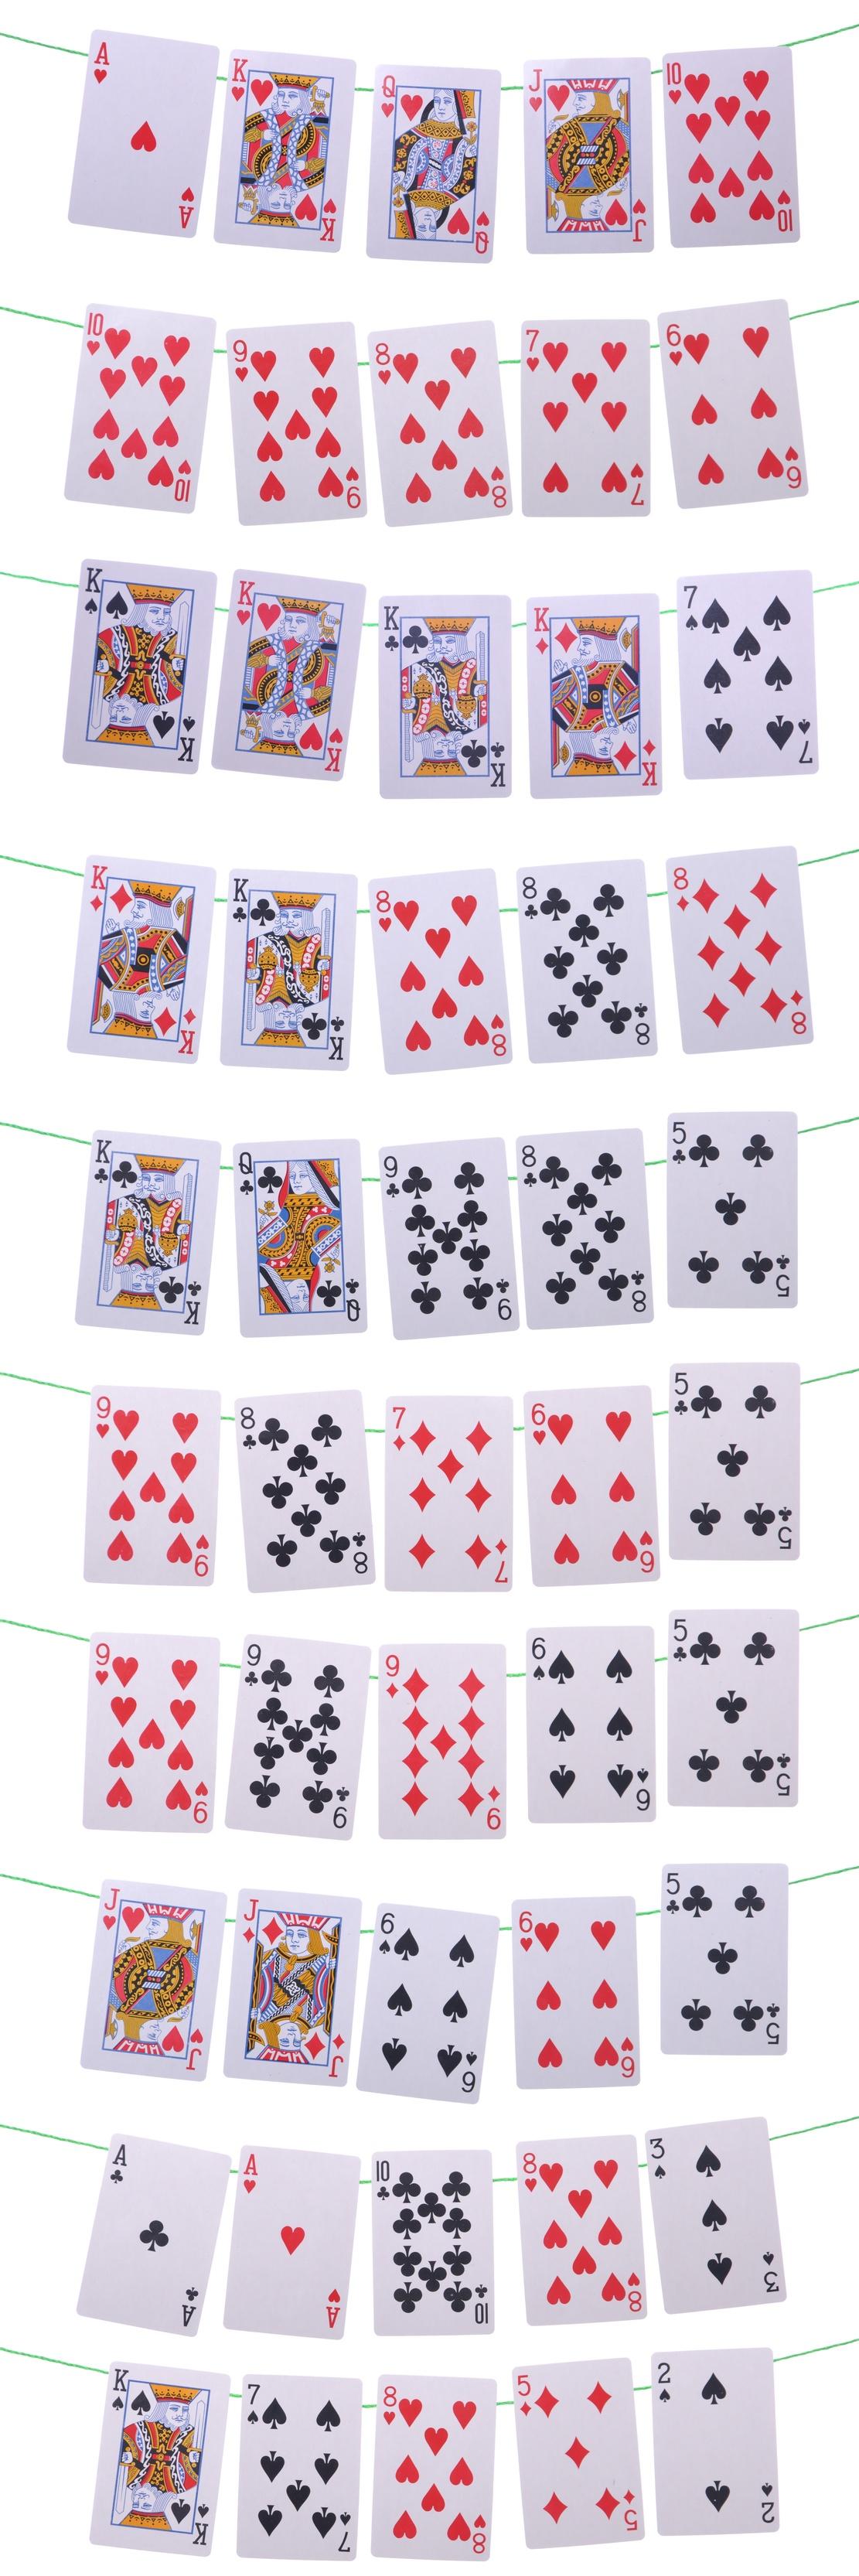 играть i покер по 5 карт